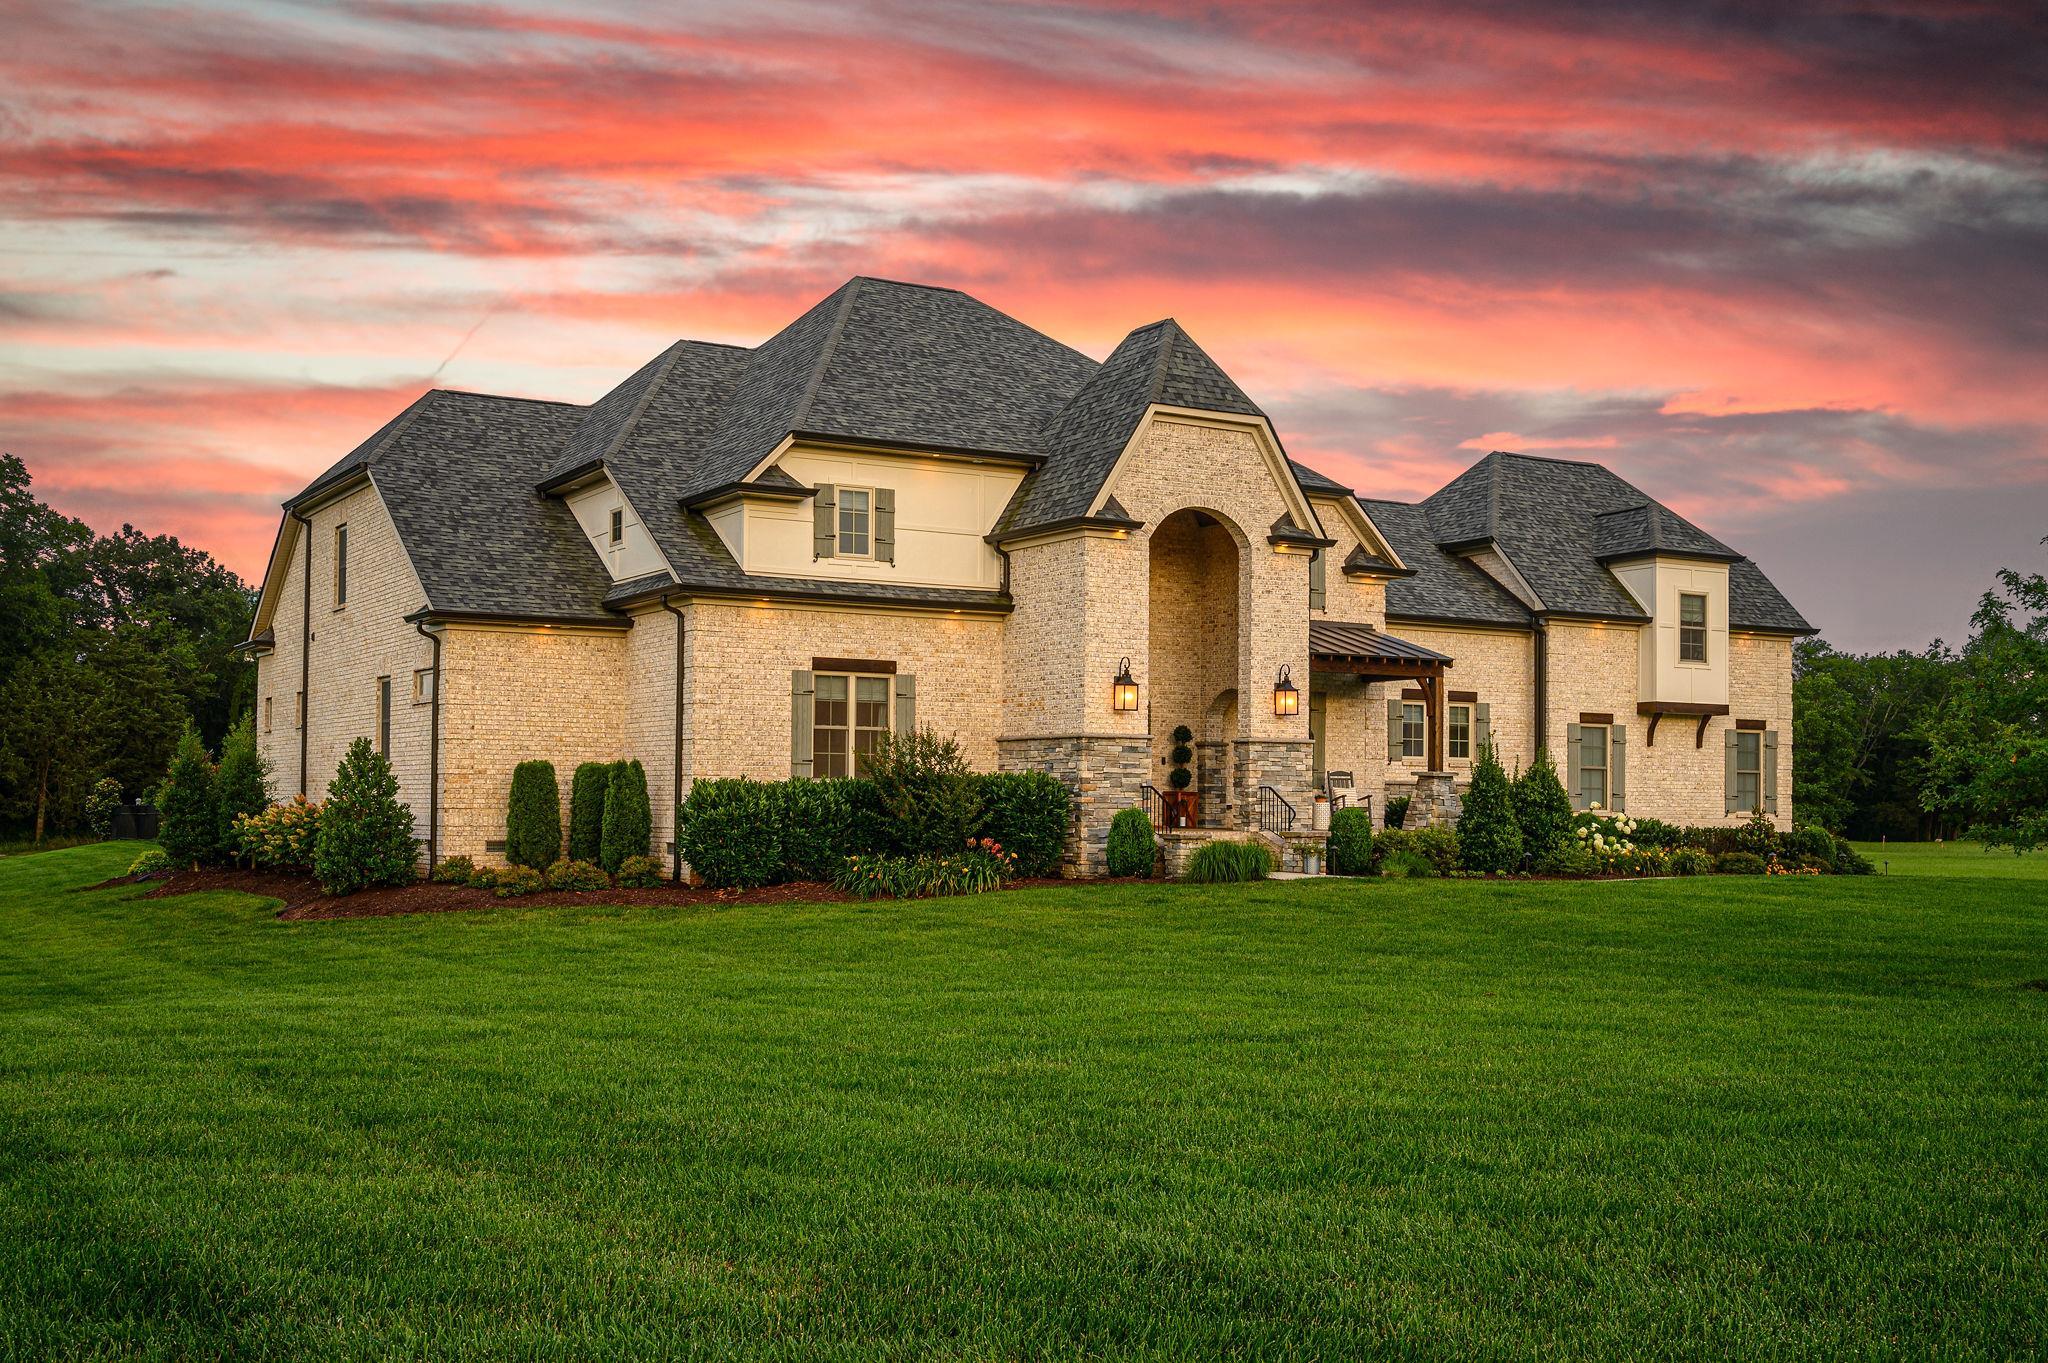 1855 Sanctuary Place, Murfreesboro, TN 37128 - Murfreesboro, TN real estate listing